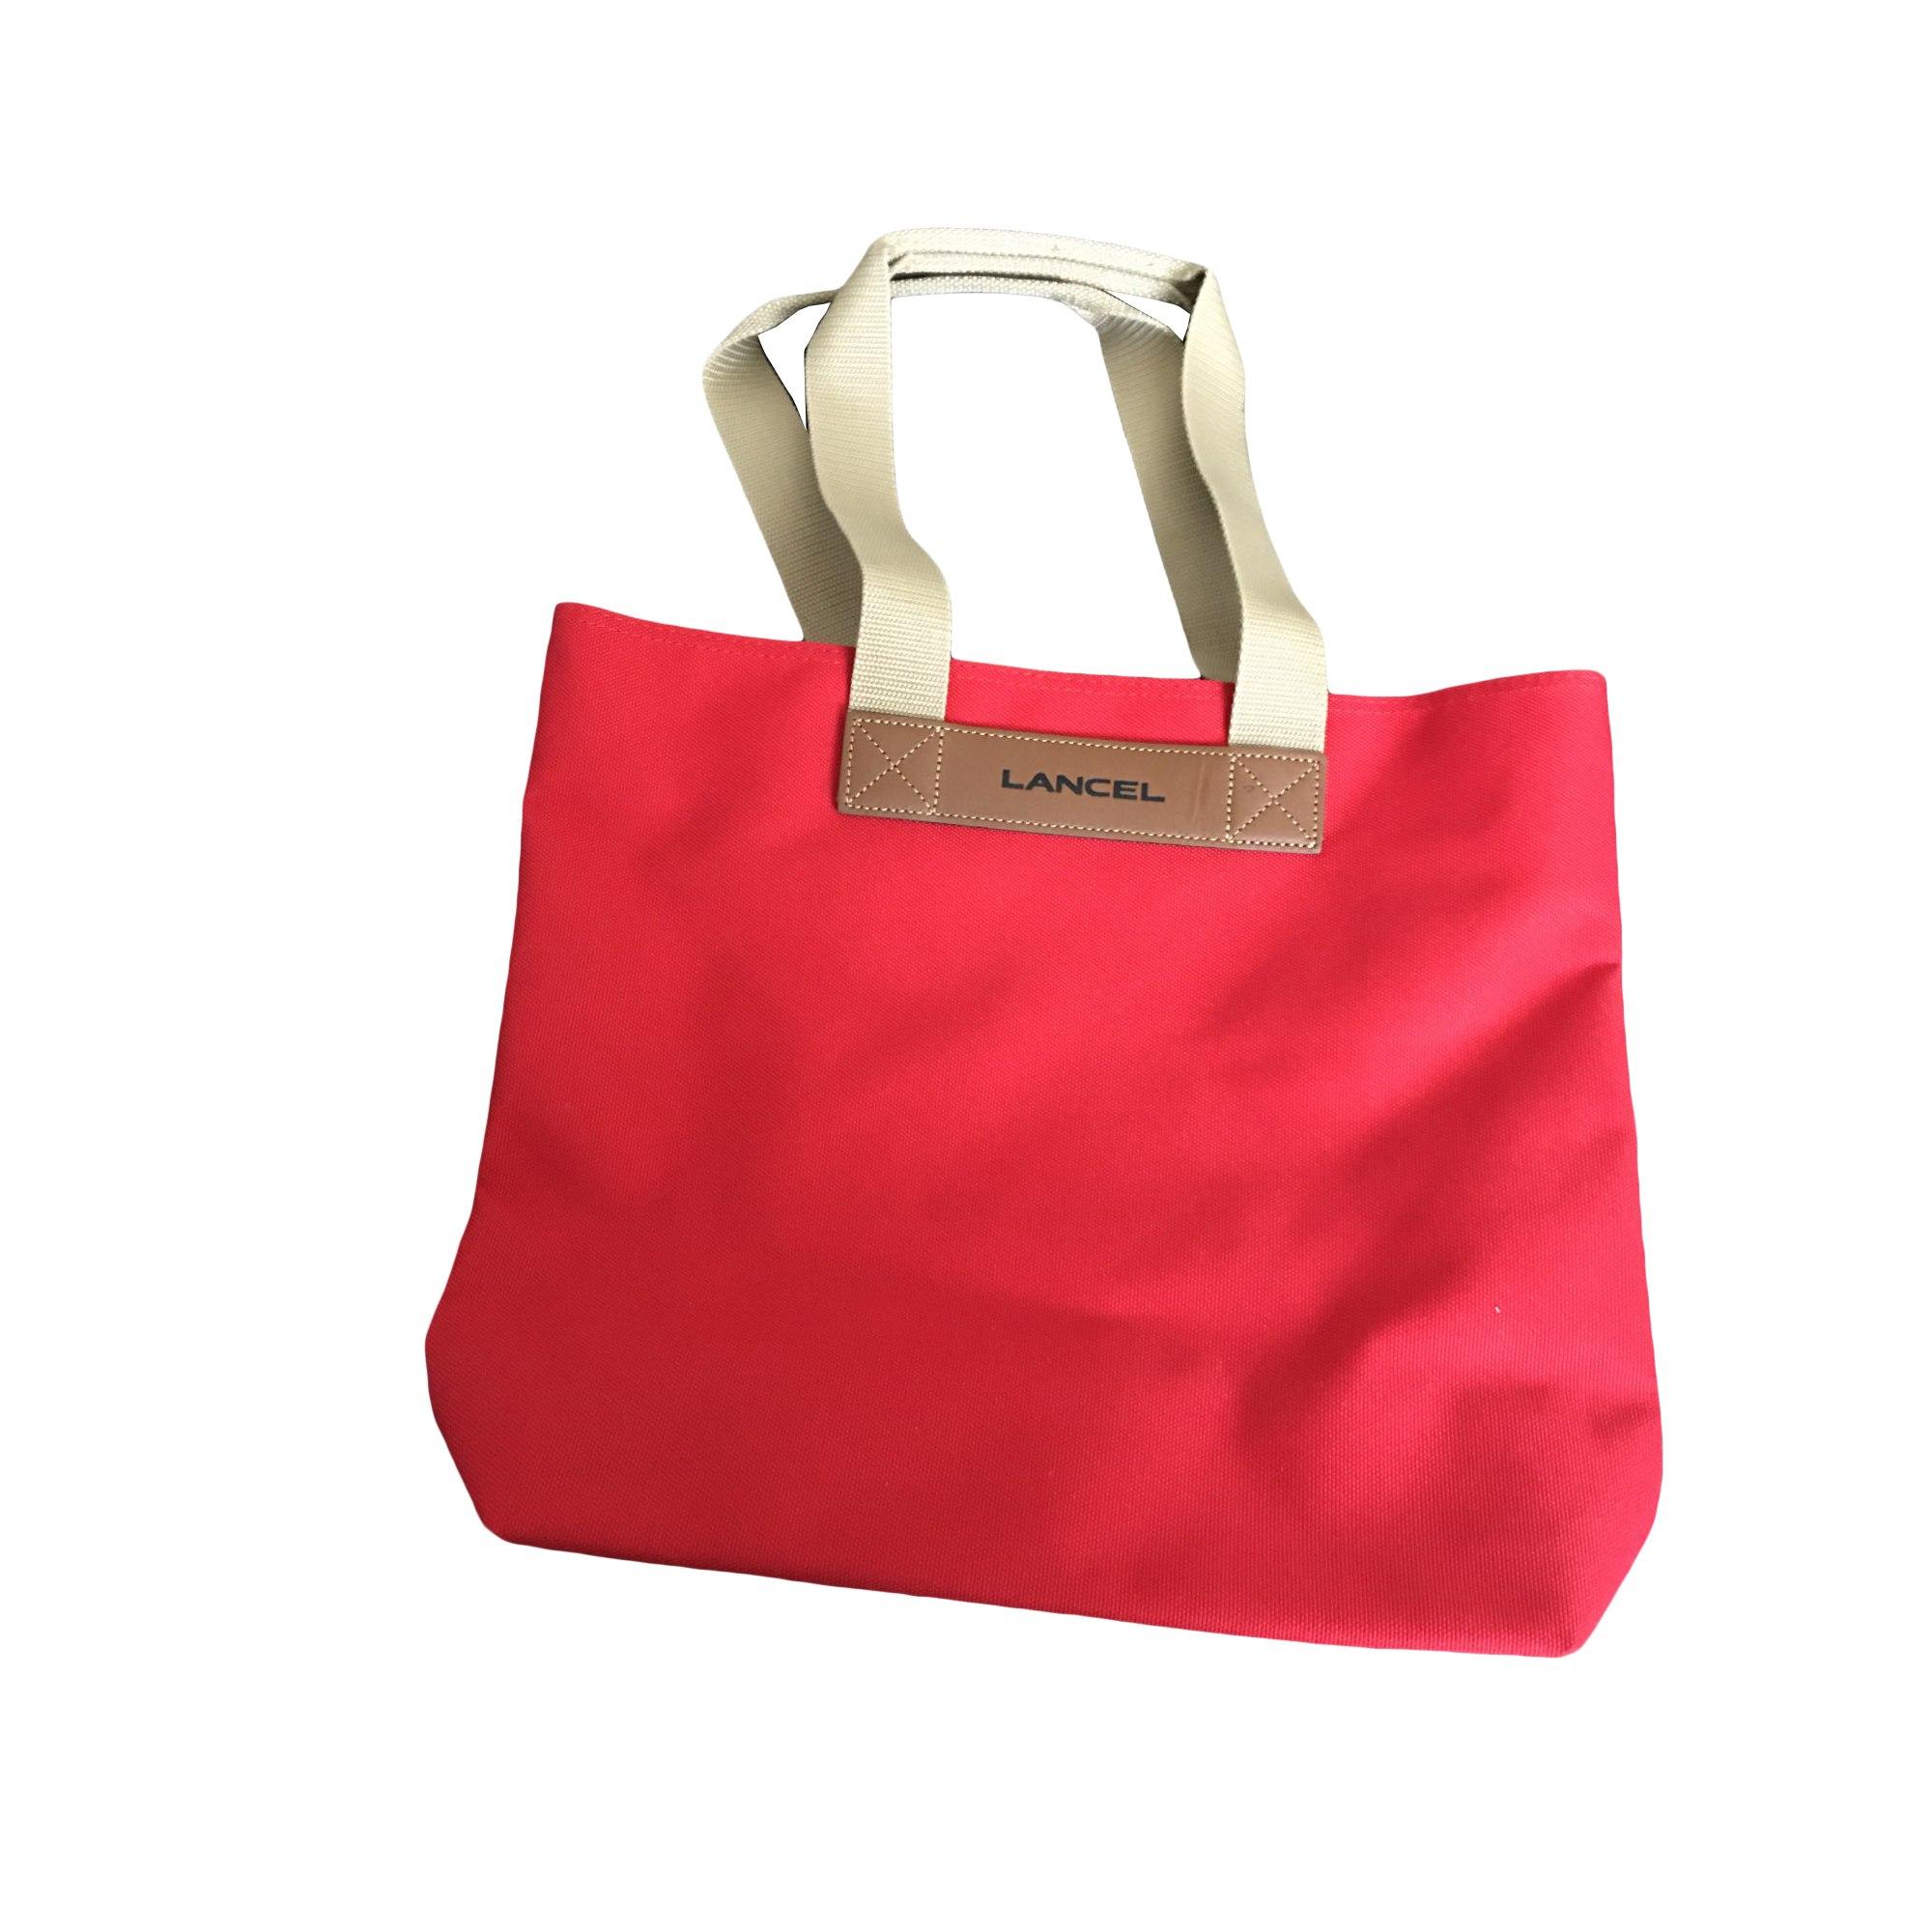 Sac XL en tissu LANCEL Rouge, bordeaux